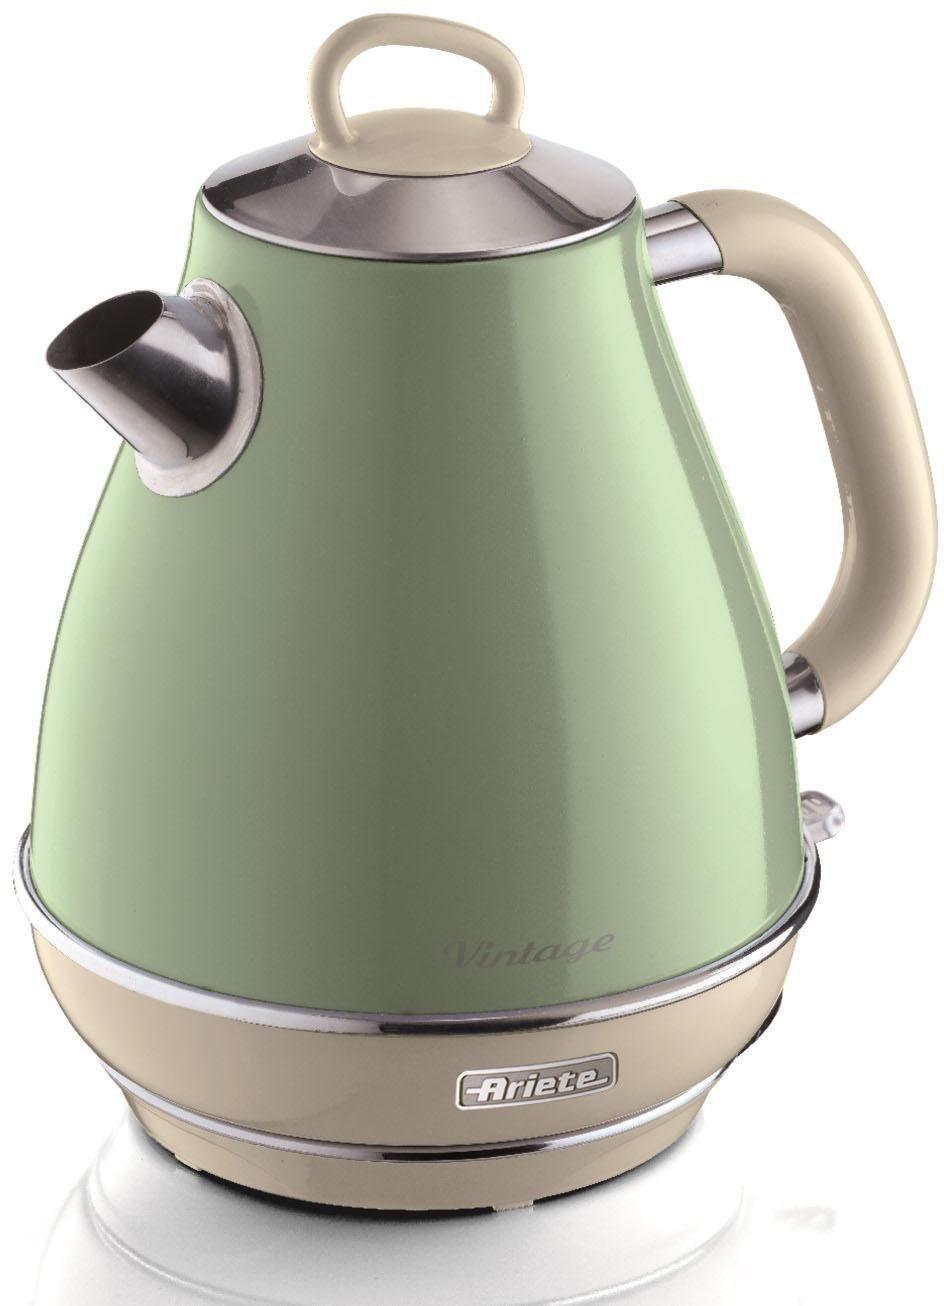 Ariete Wasserkocher 2869 GR, 1,7 l, 2200 W